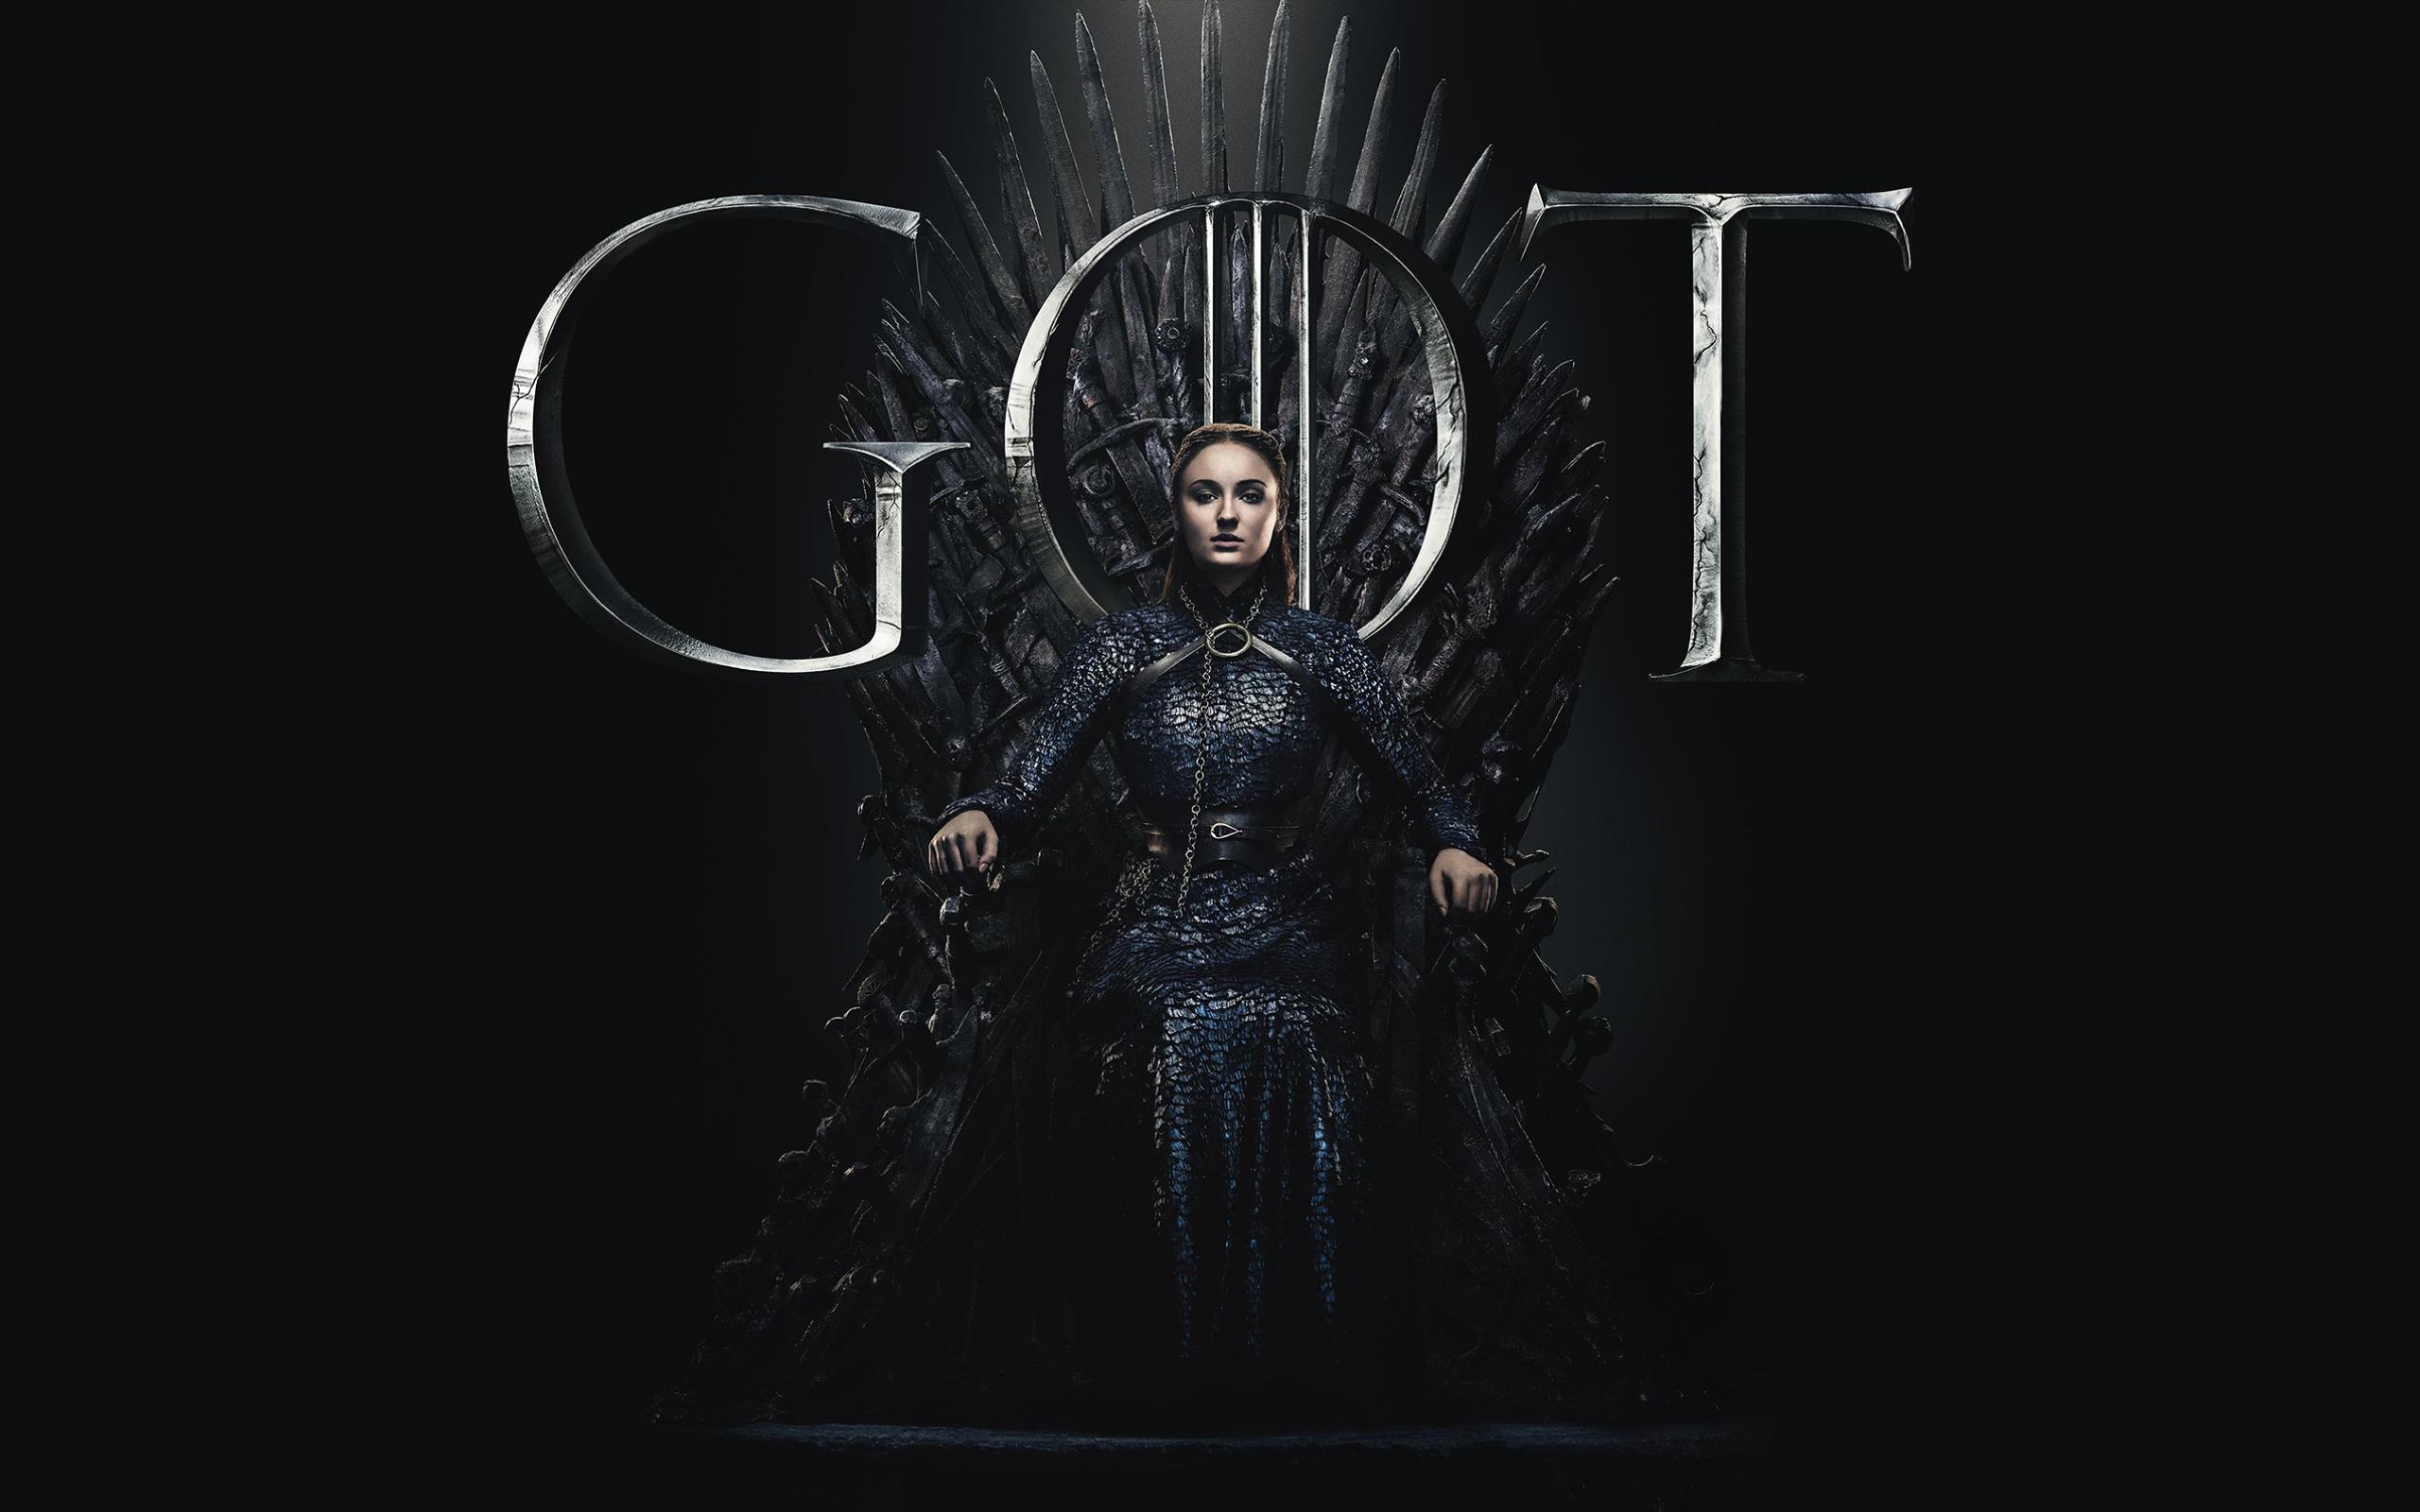 La condición de Sophie Turner para volver a Game of Thrones